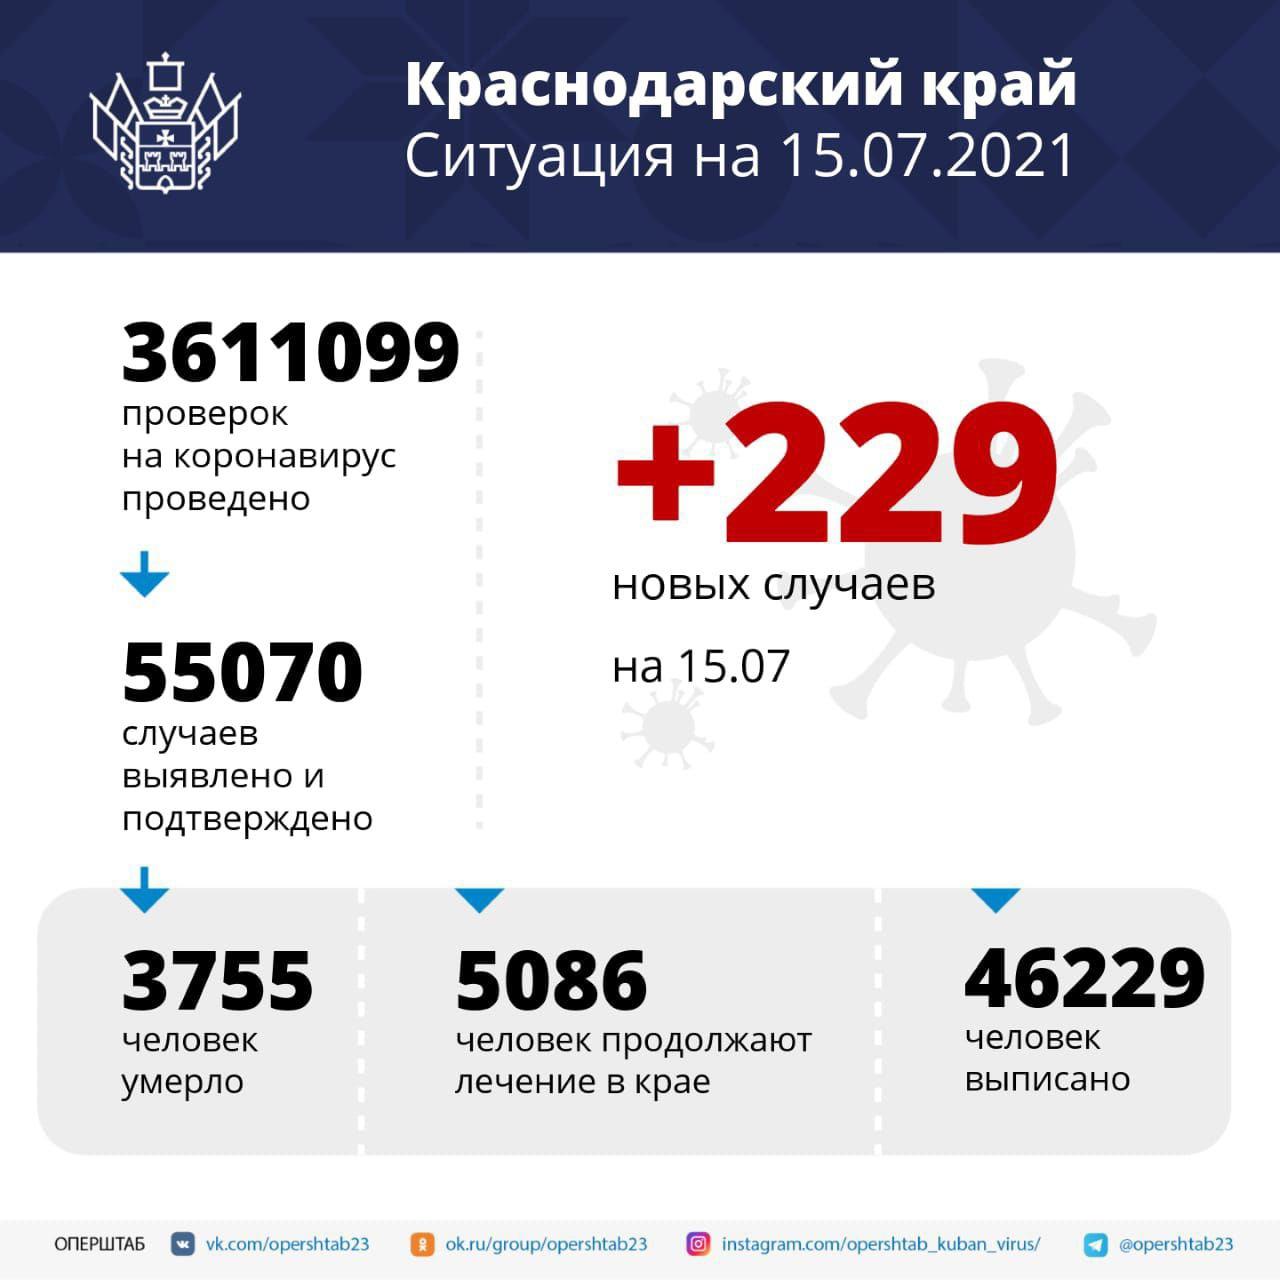 В Краснодарском крае за сутки зарегистрировали 229 заболевших...